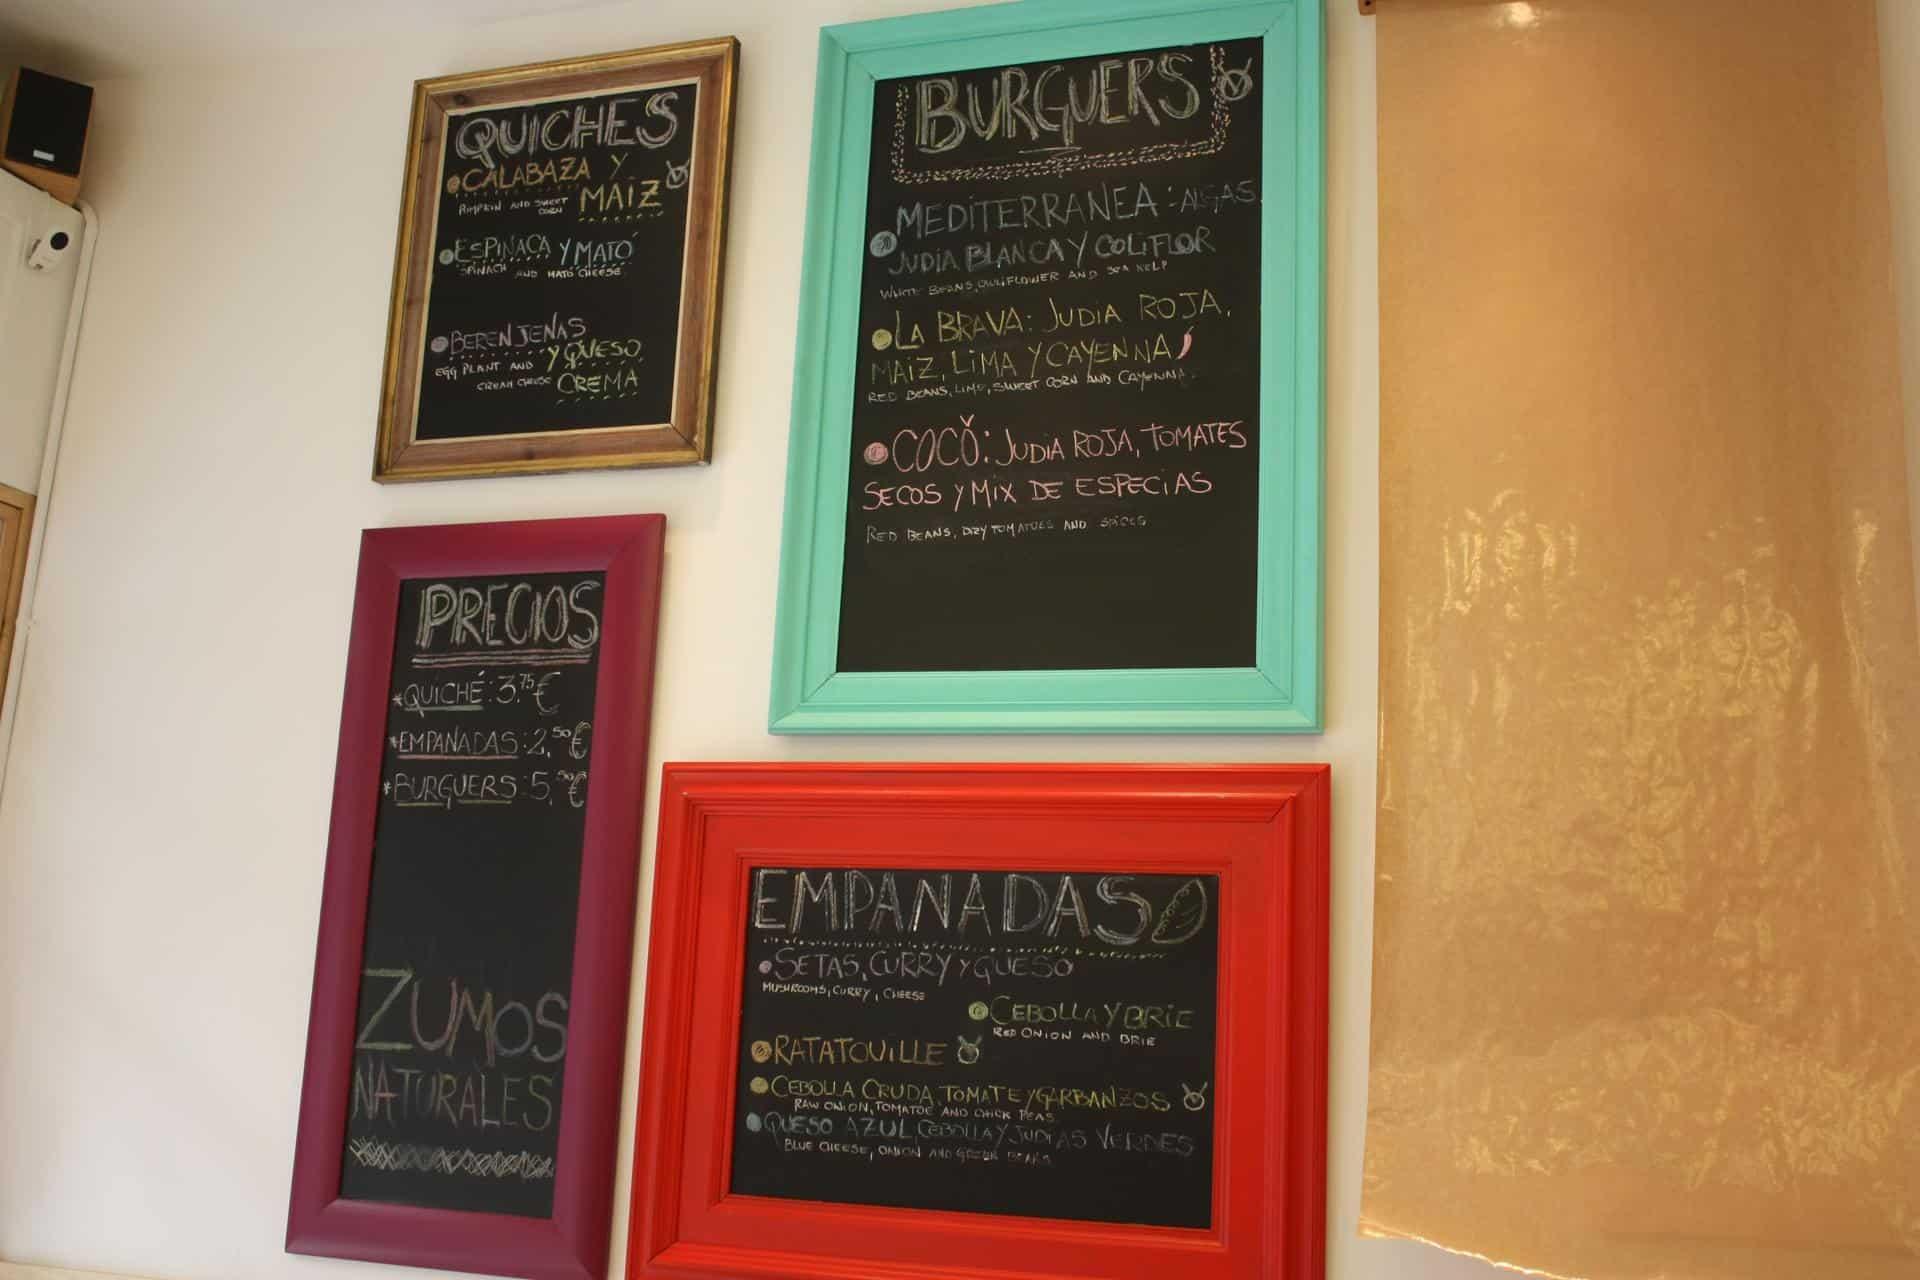 coco menu